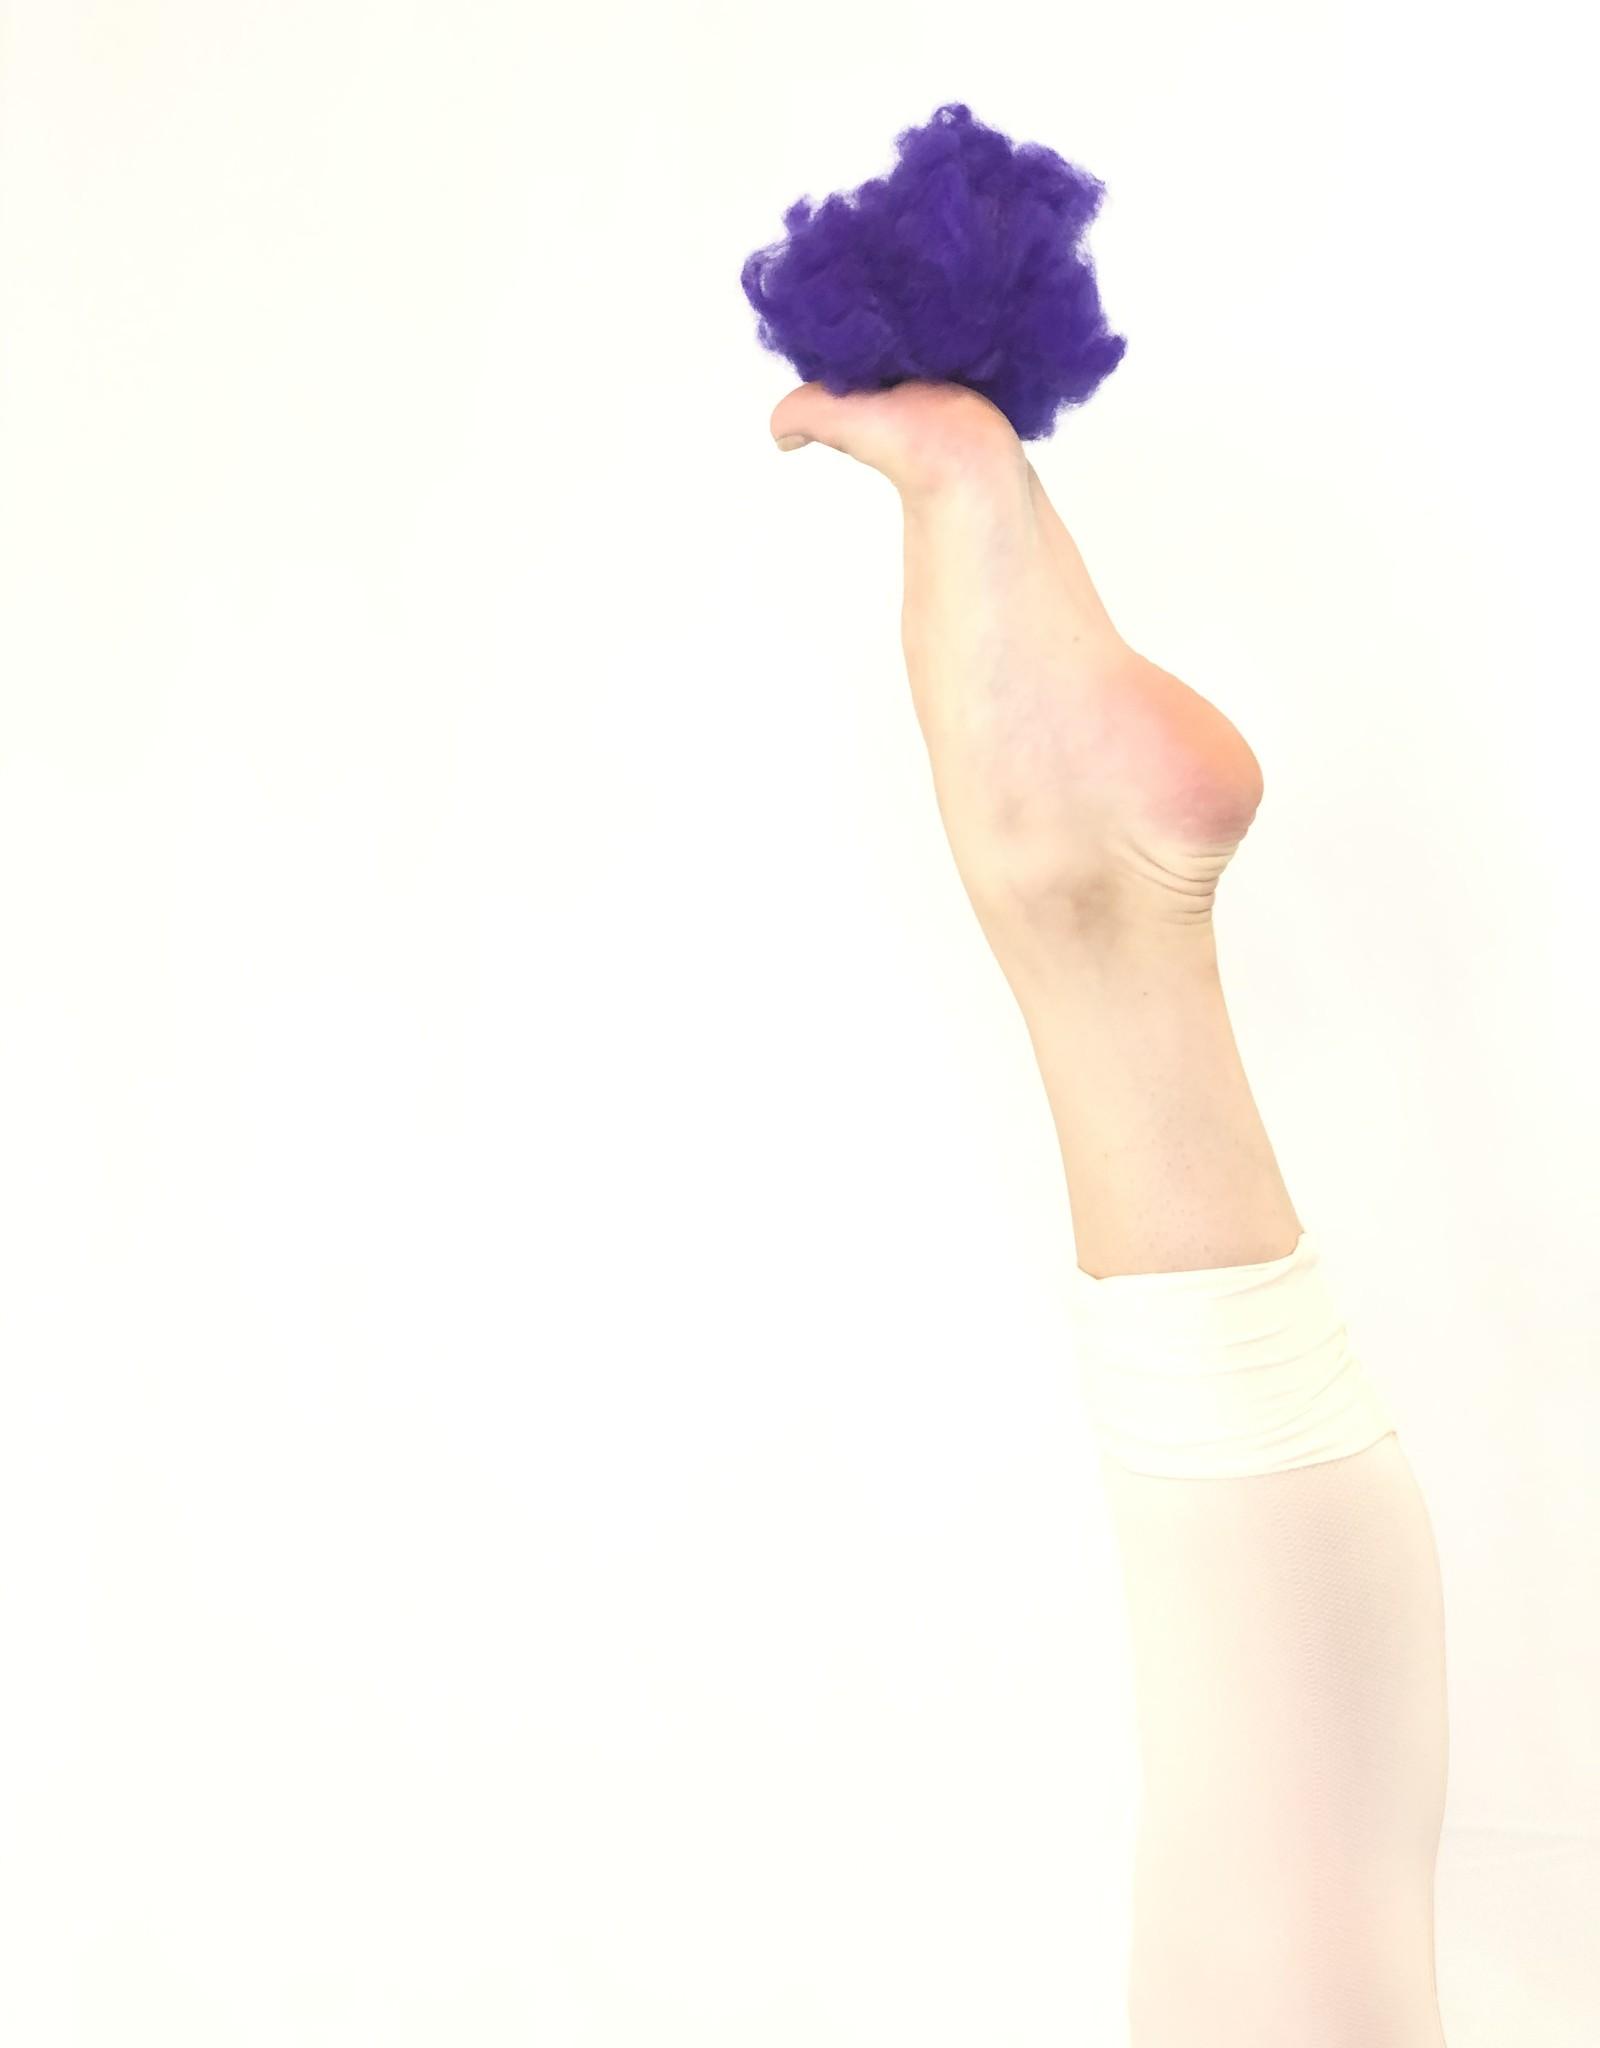 Ballet Rocks Ballet Rocks Toe Candy Pouches